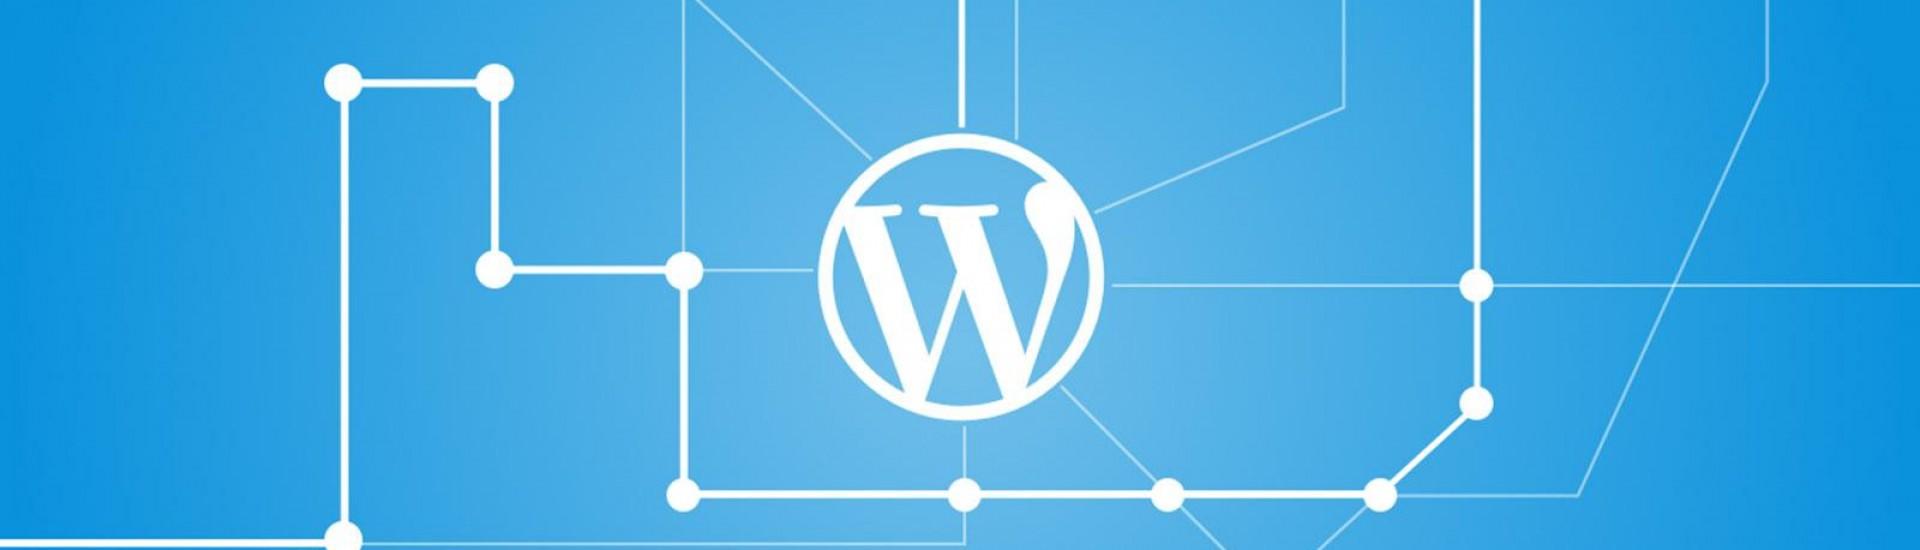 Protegendo o Wordpress contra Ataques de Força Bruta (Brute Force).